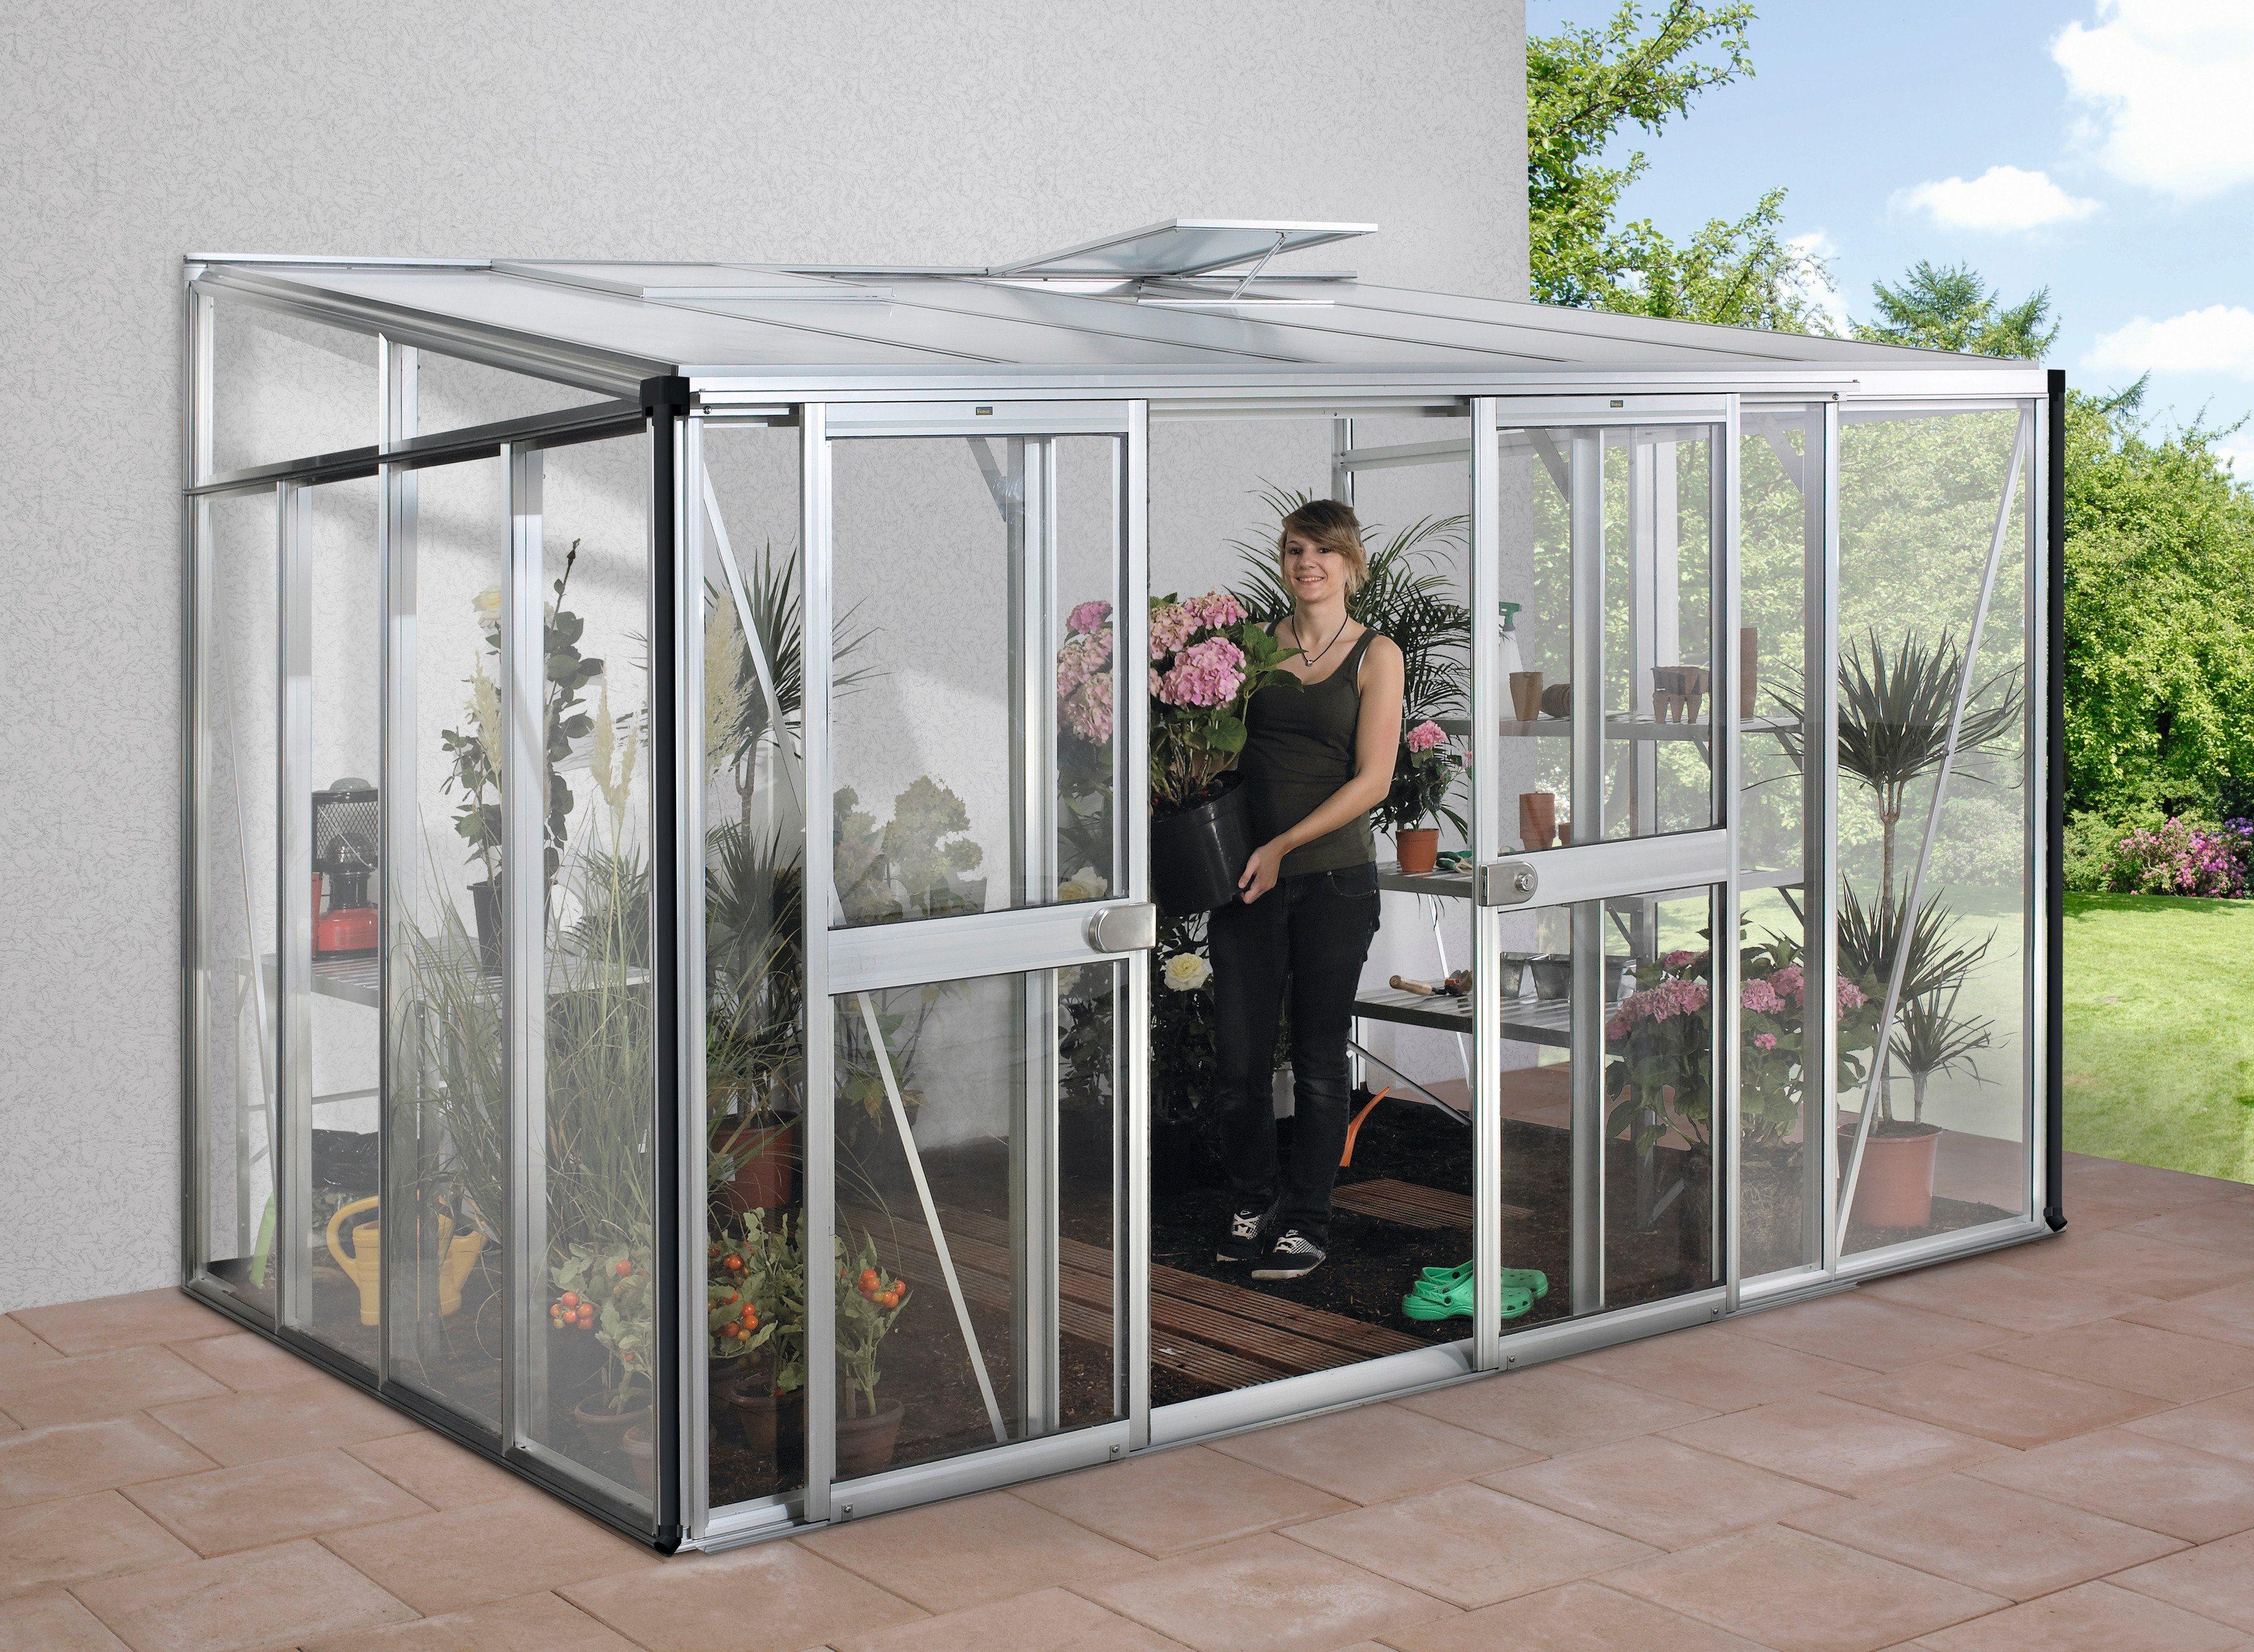 VITAVIA Anlehngewächshaus »Helena 8600«, BxTxH: 344 x 268 x 239 cm, in 2 Farben | Garten | Vitavia